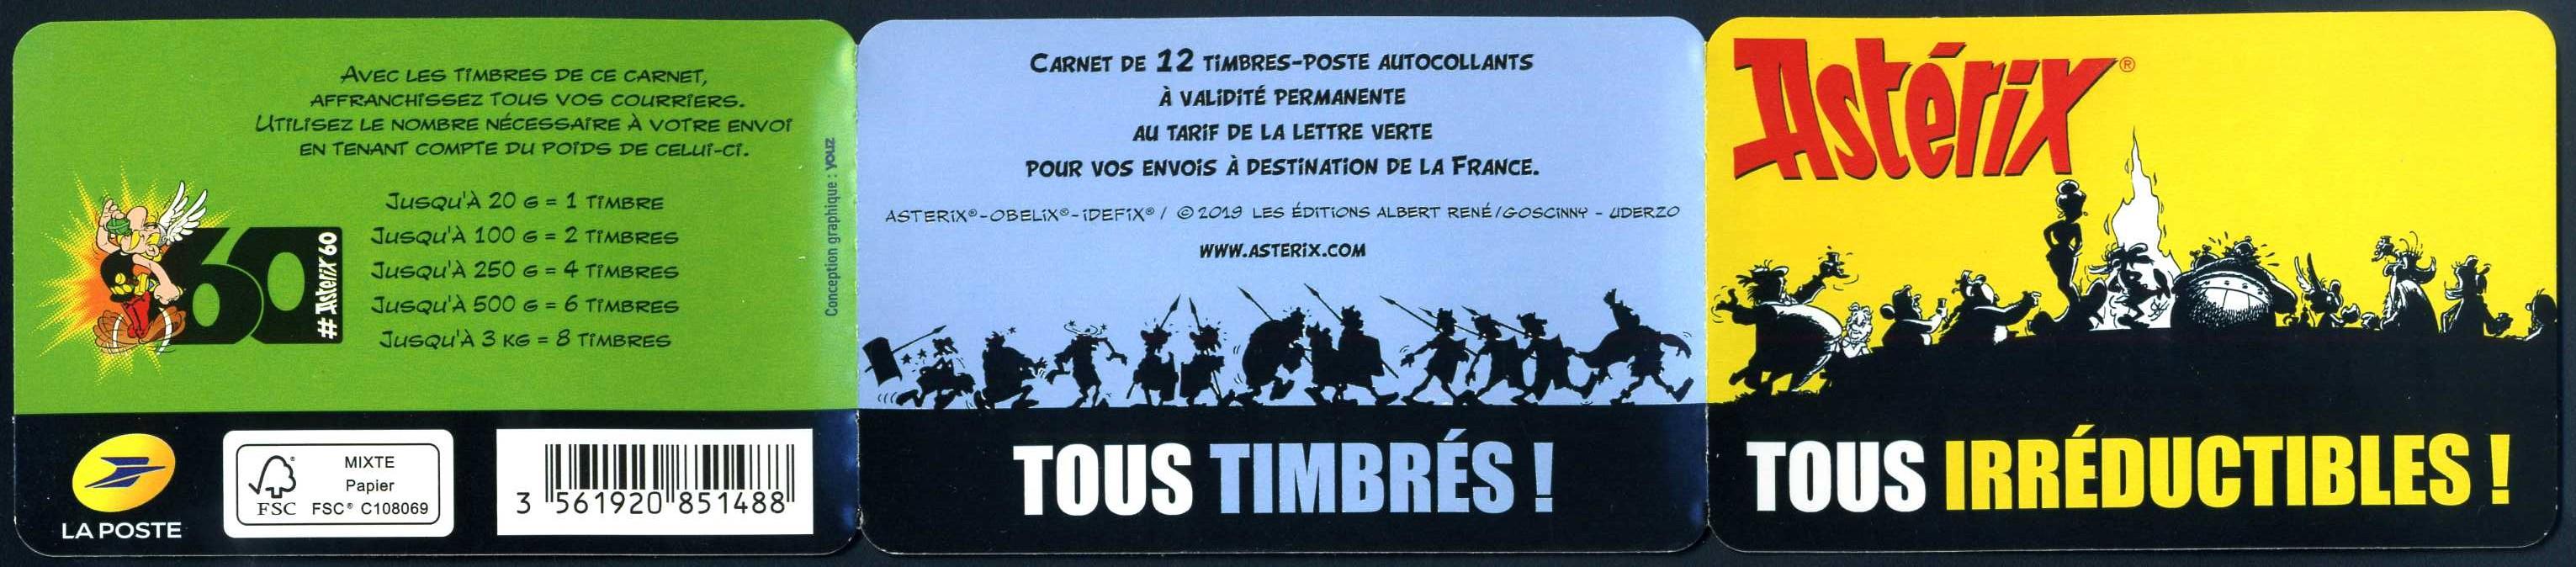 FR 347 2019 Asterix 1.jpg